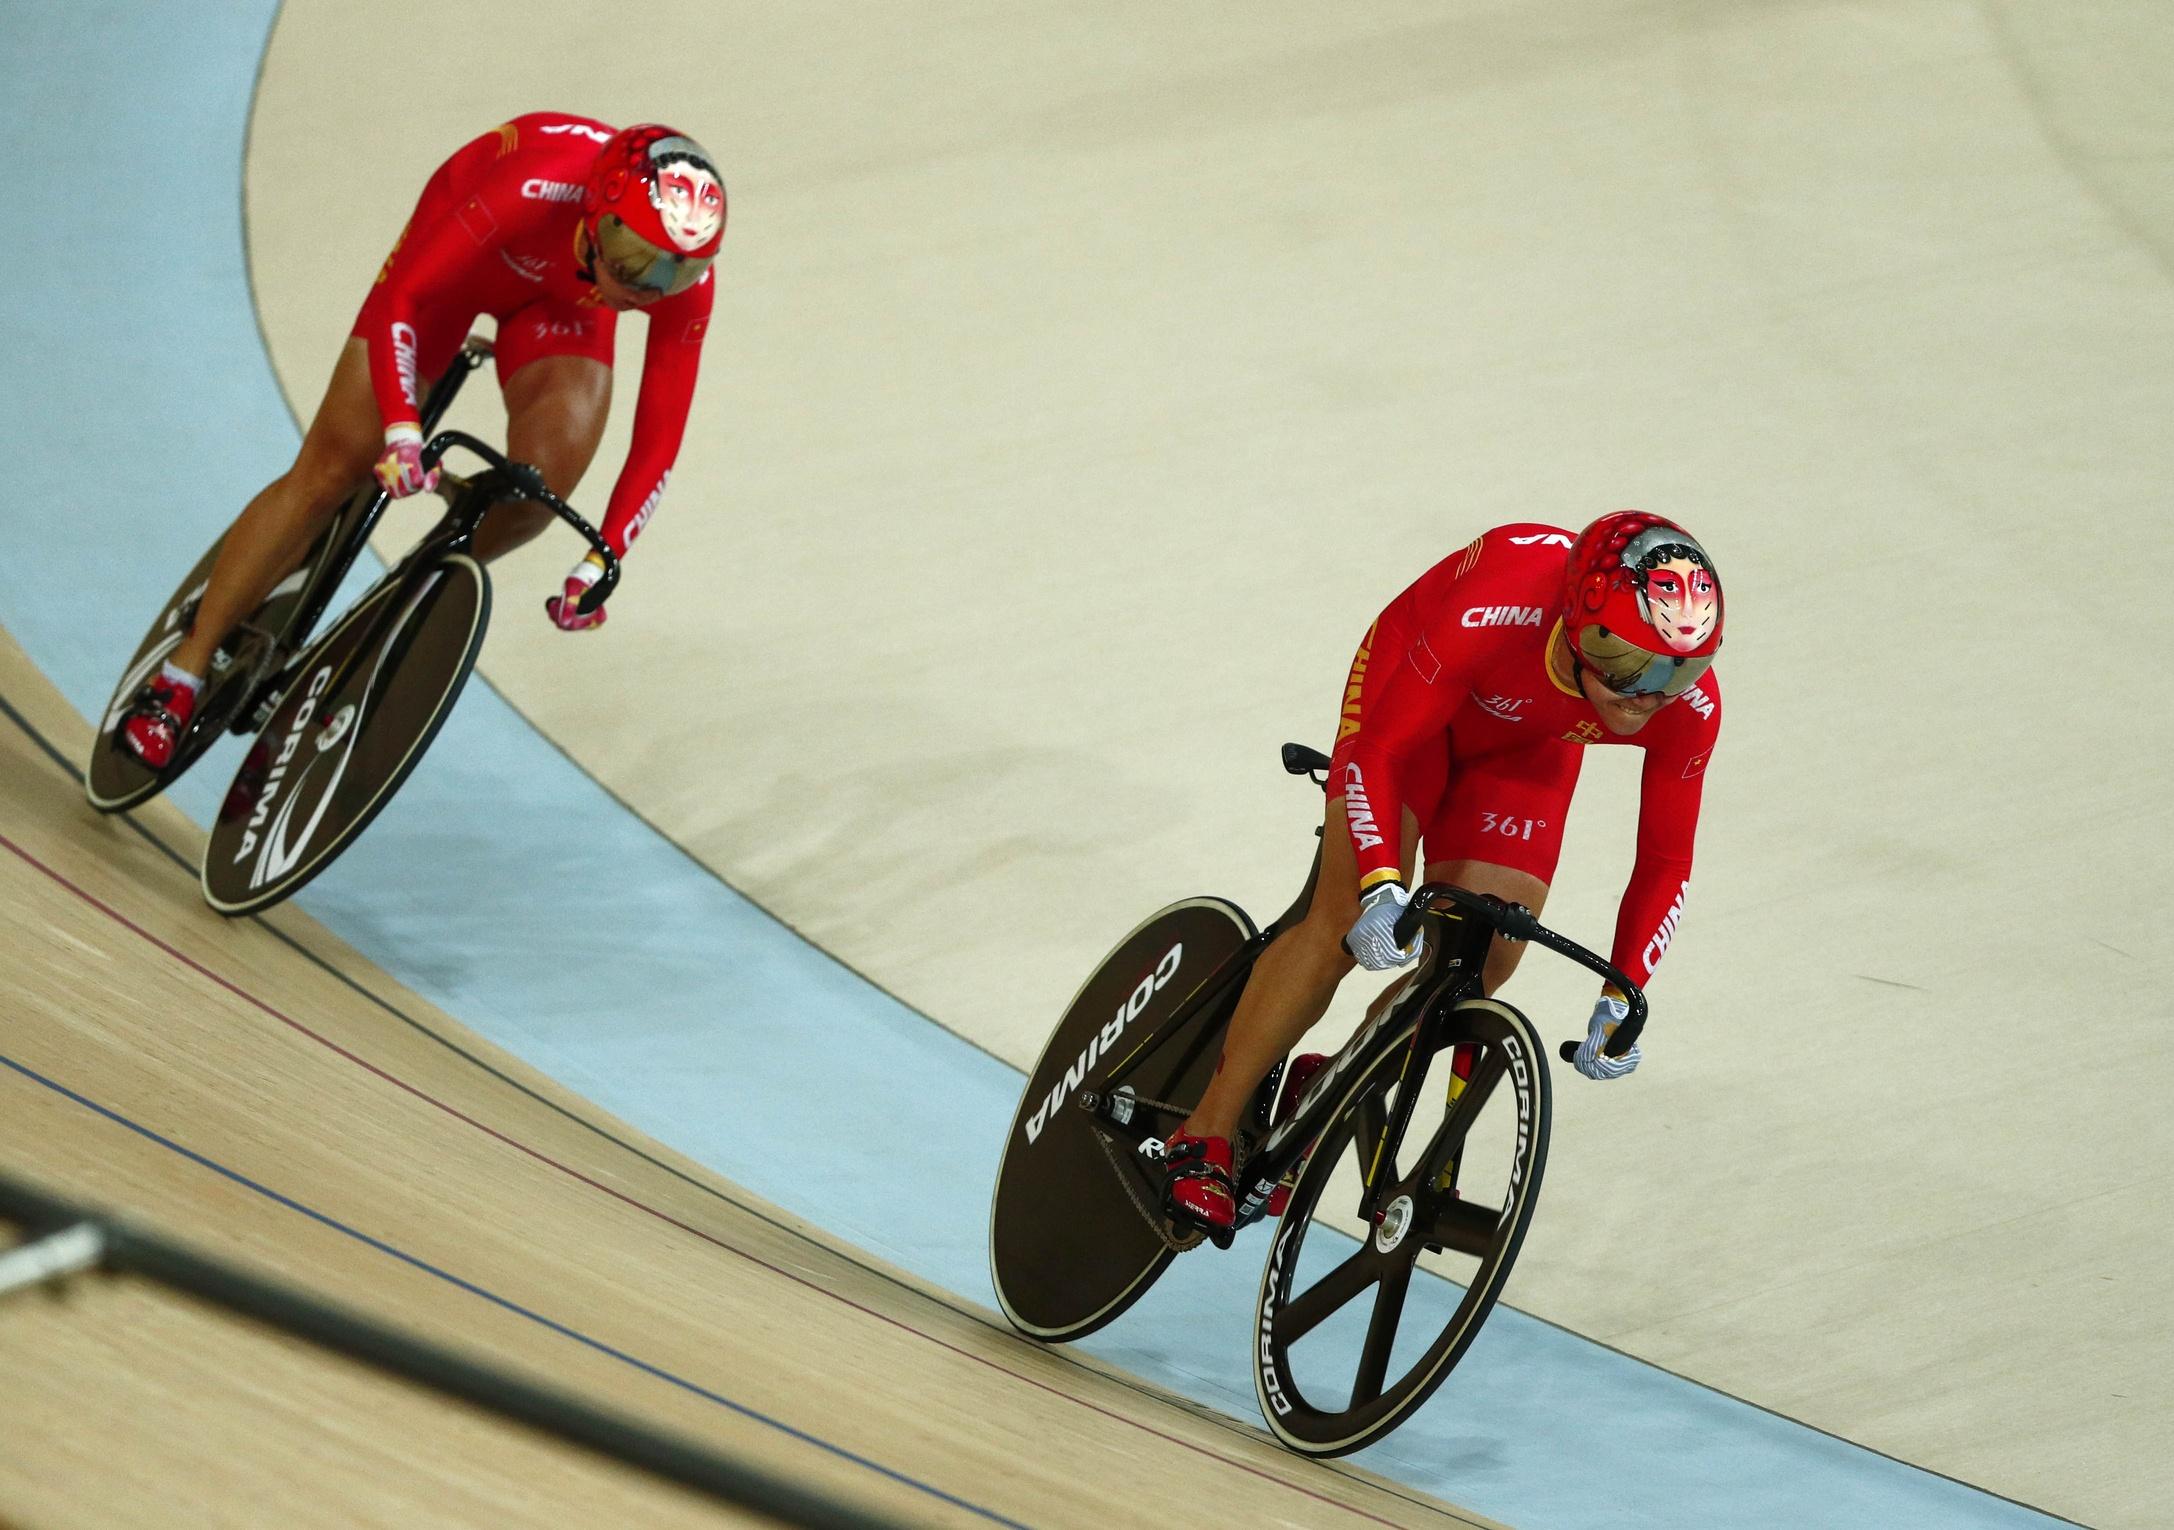 [高清优游品牌国际图]优游品牌国际国夺园地自行车男人集体竞速赛金牌